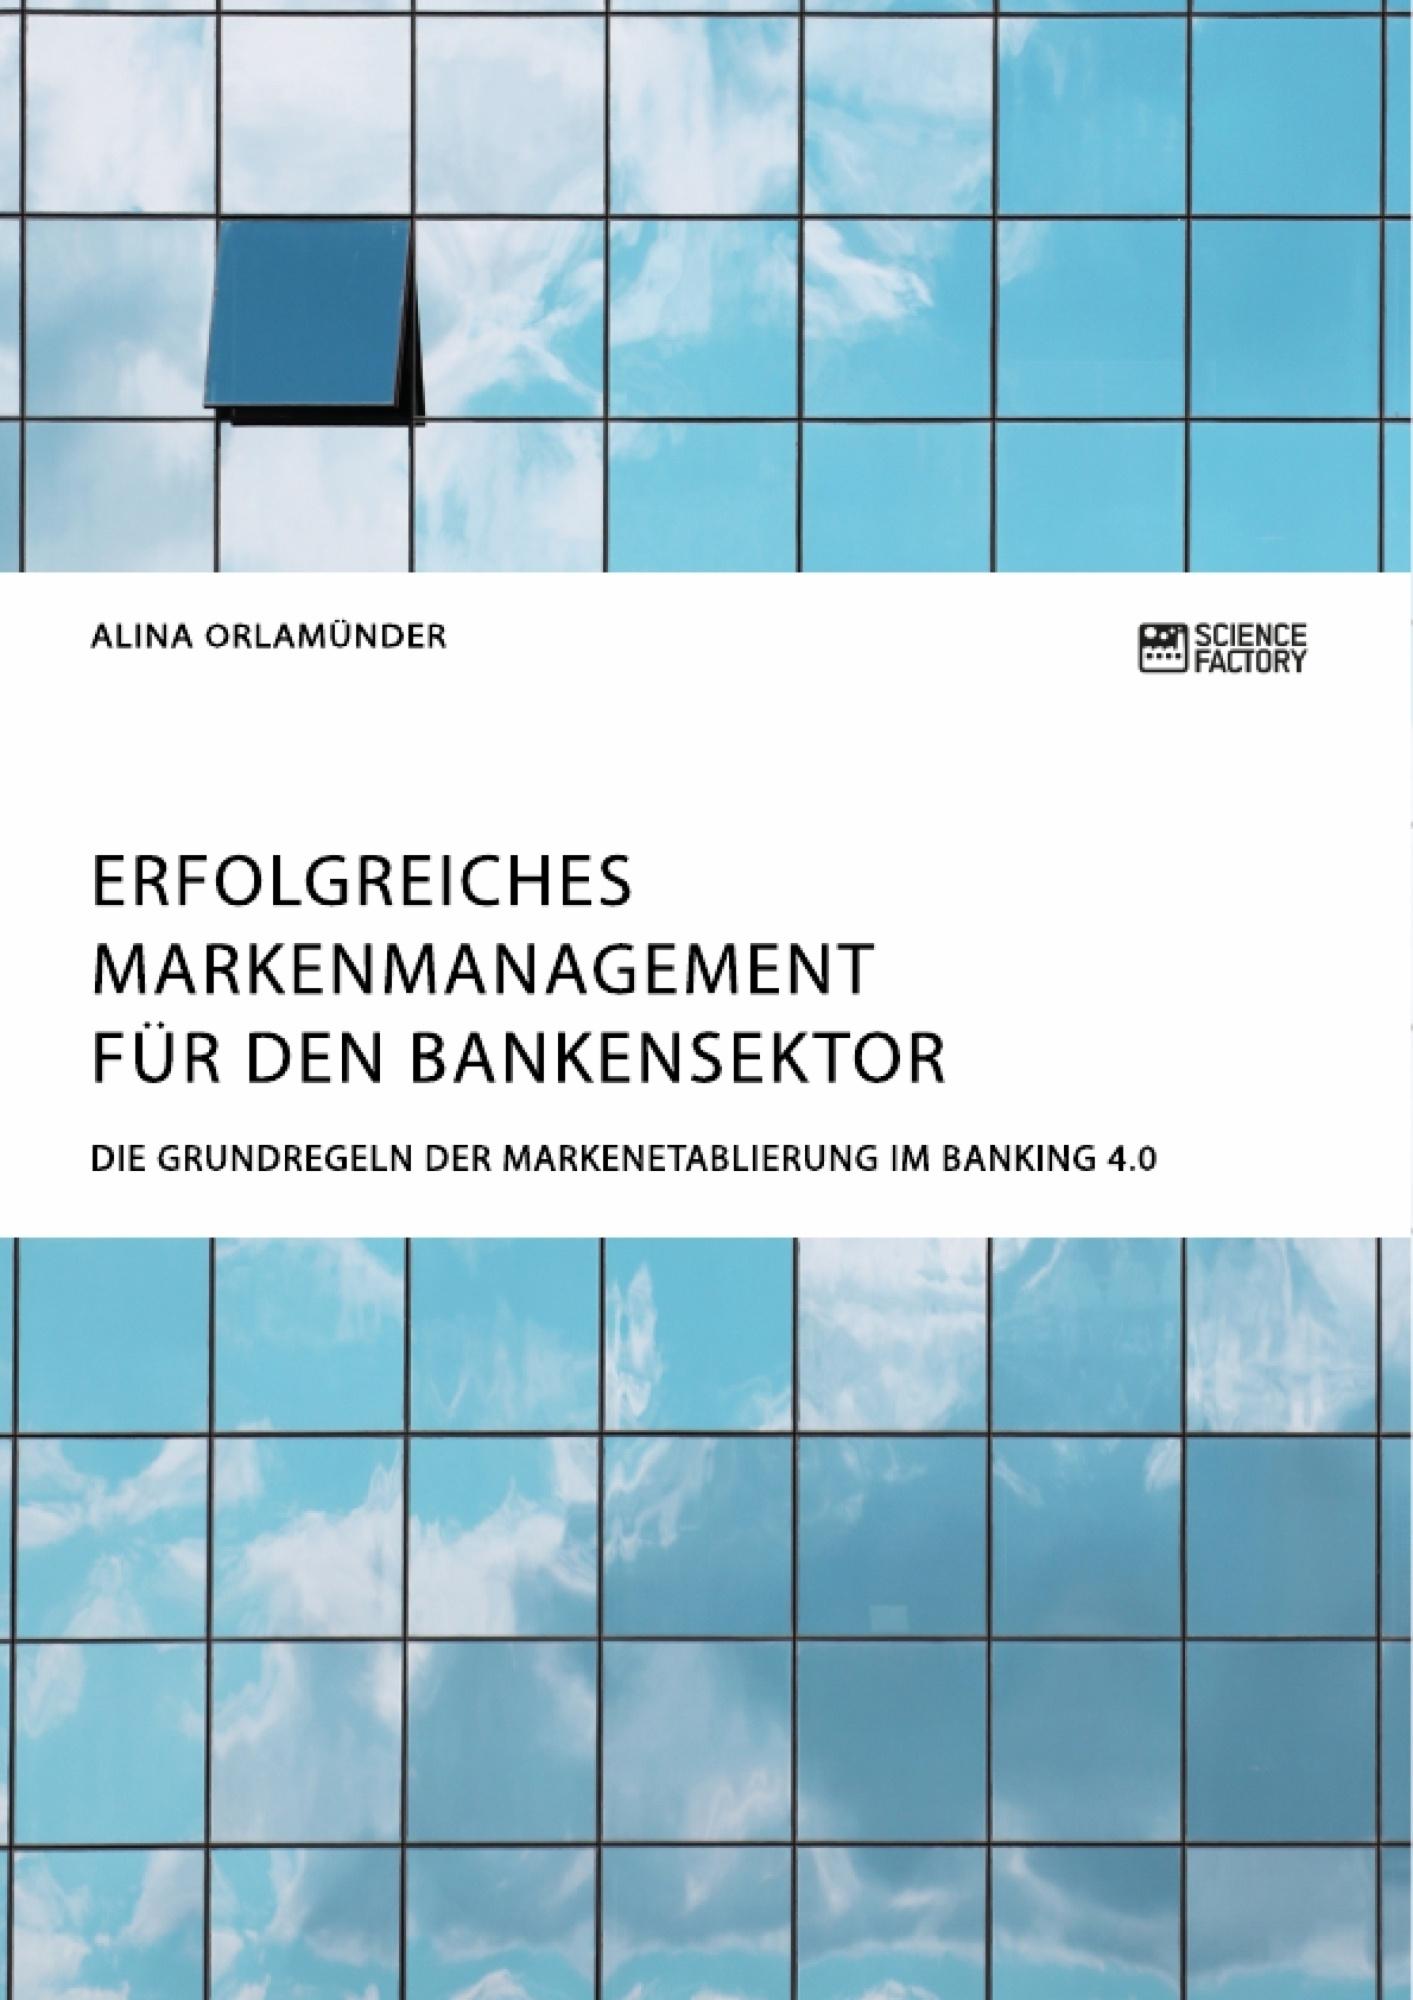 Titel: Erfolgreiches Markenmanagement für den Bankensektor. Die Grundregeln der Markenetablierung im Banking 4.0